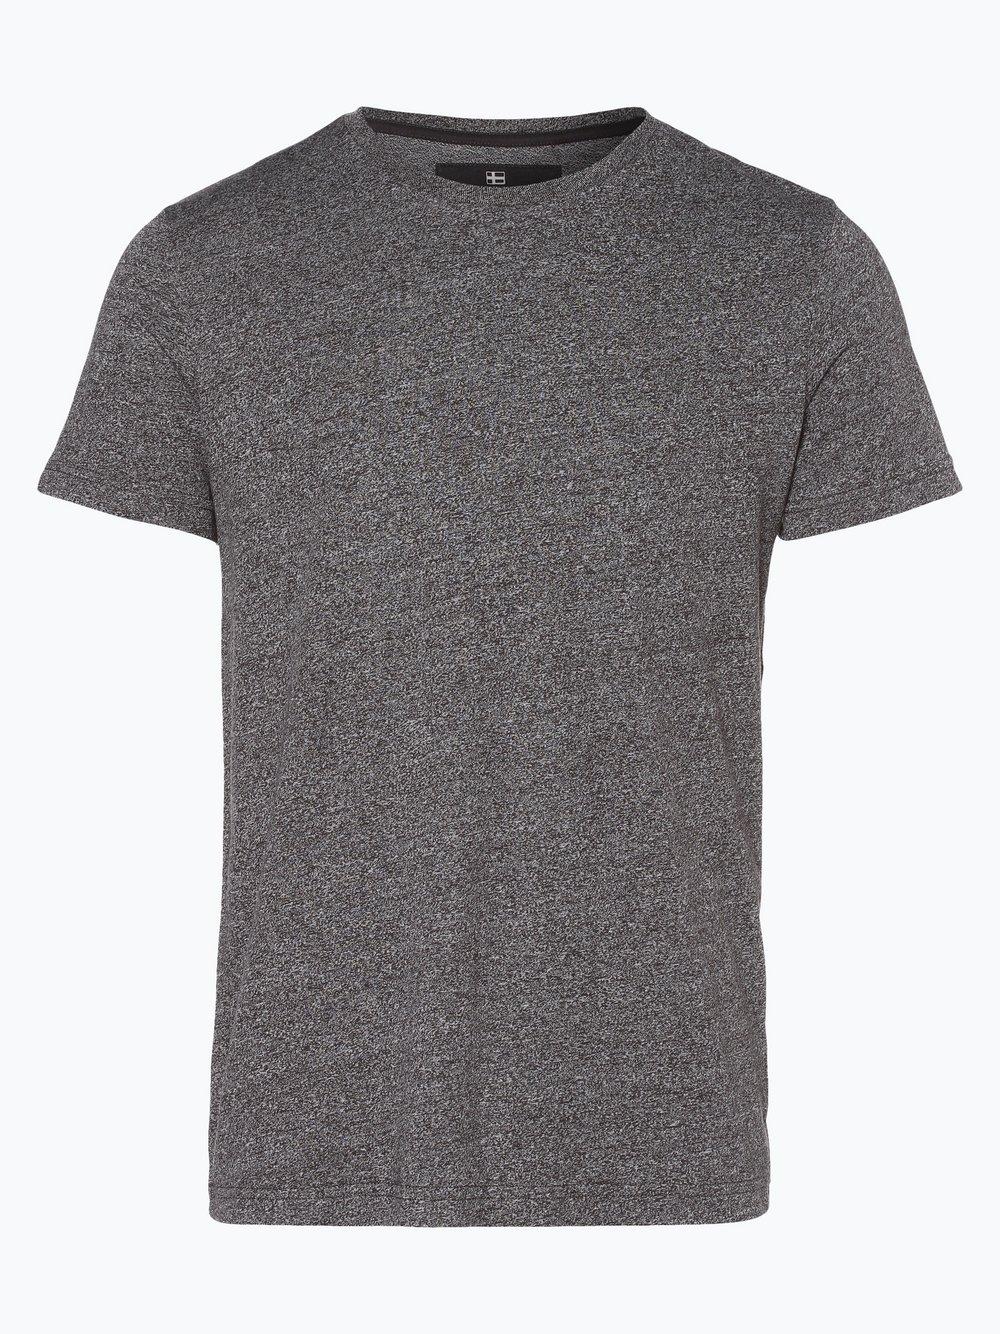 nils sundstr�m herren t shirt online kaufen peek und cloppenburg de  nils sundstr�m herren t shirt 0